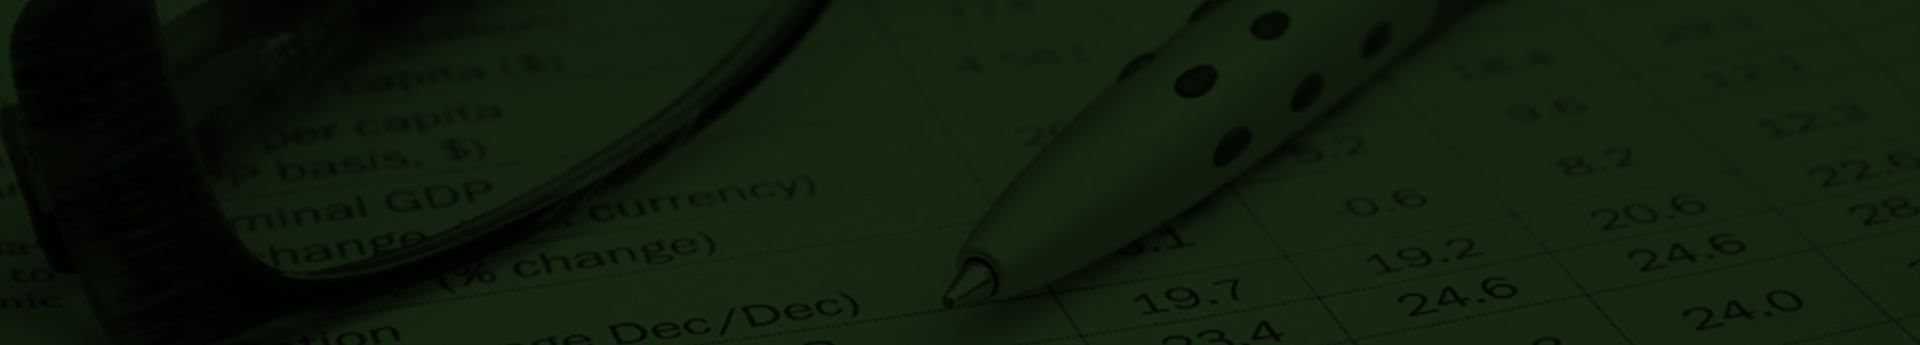 Perito caligrafo grafologo tasador agronomo propiedad industrial grafistica andujar jaen alcala - Muebles alcala la real ...